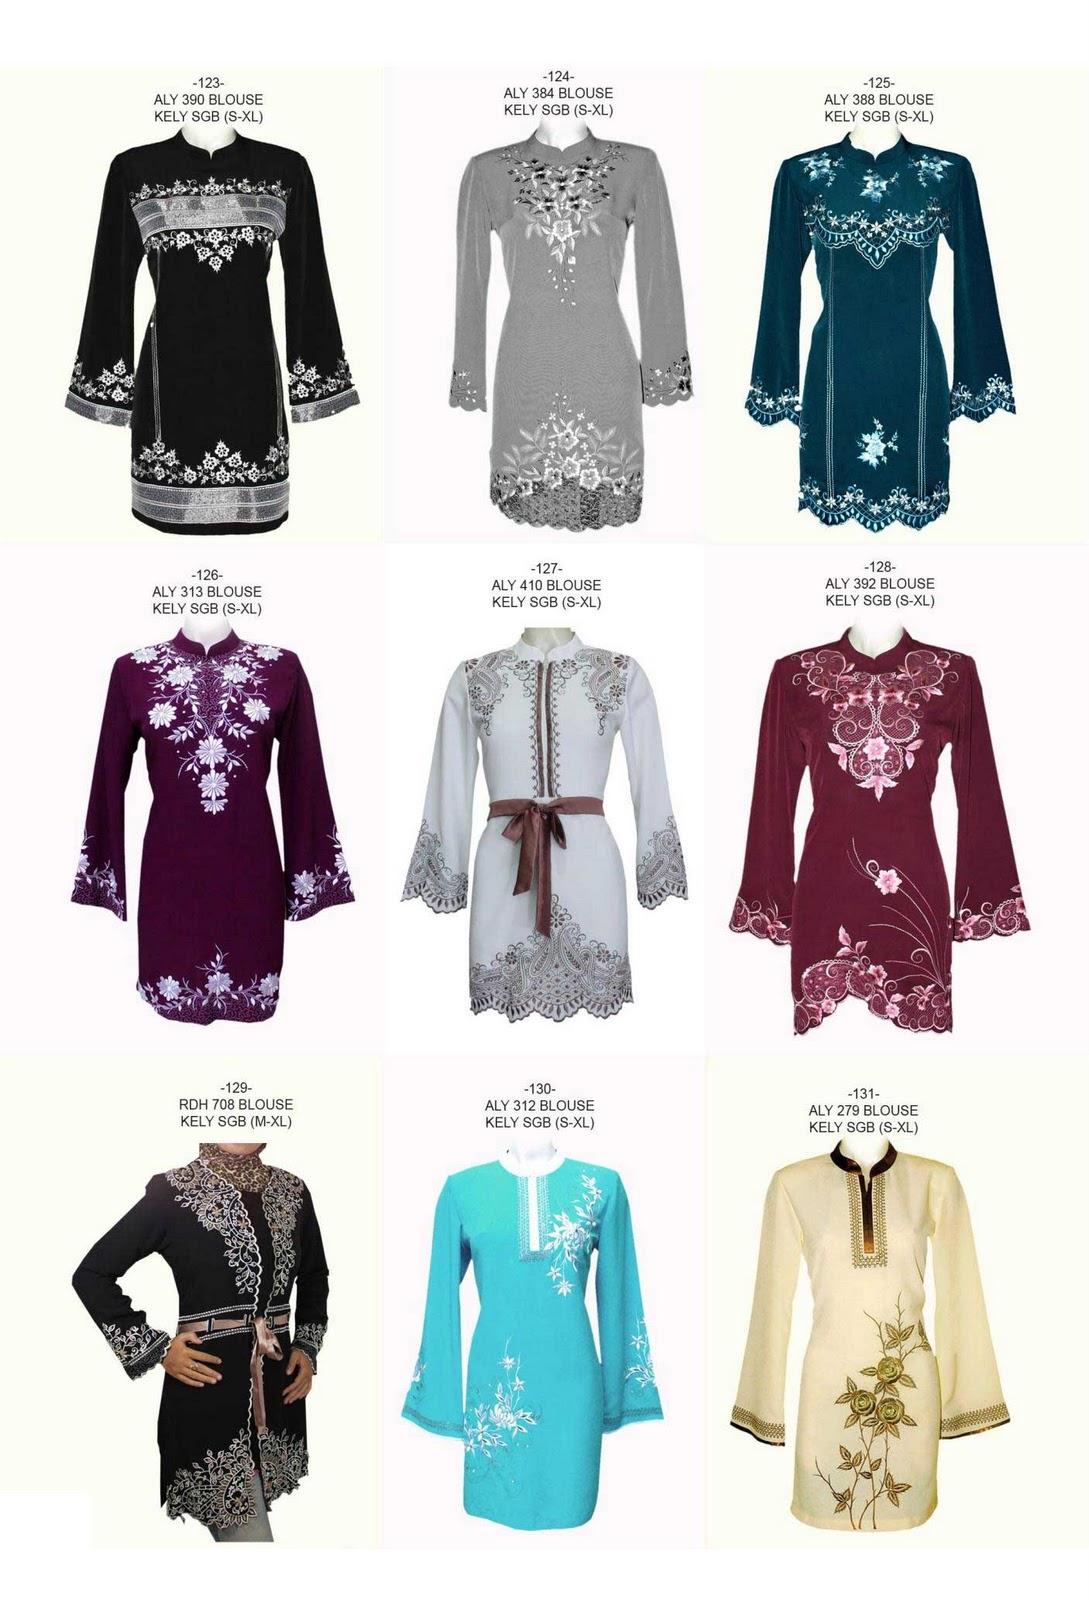 bandungmurahkatalog: Busana muslim wanita katalog1